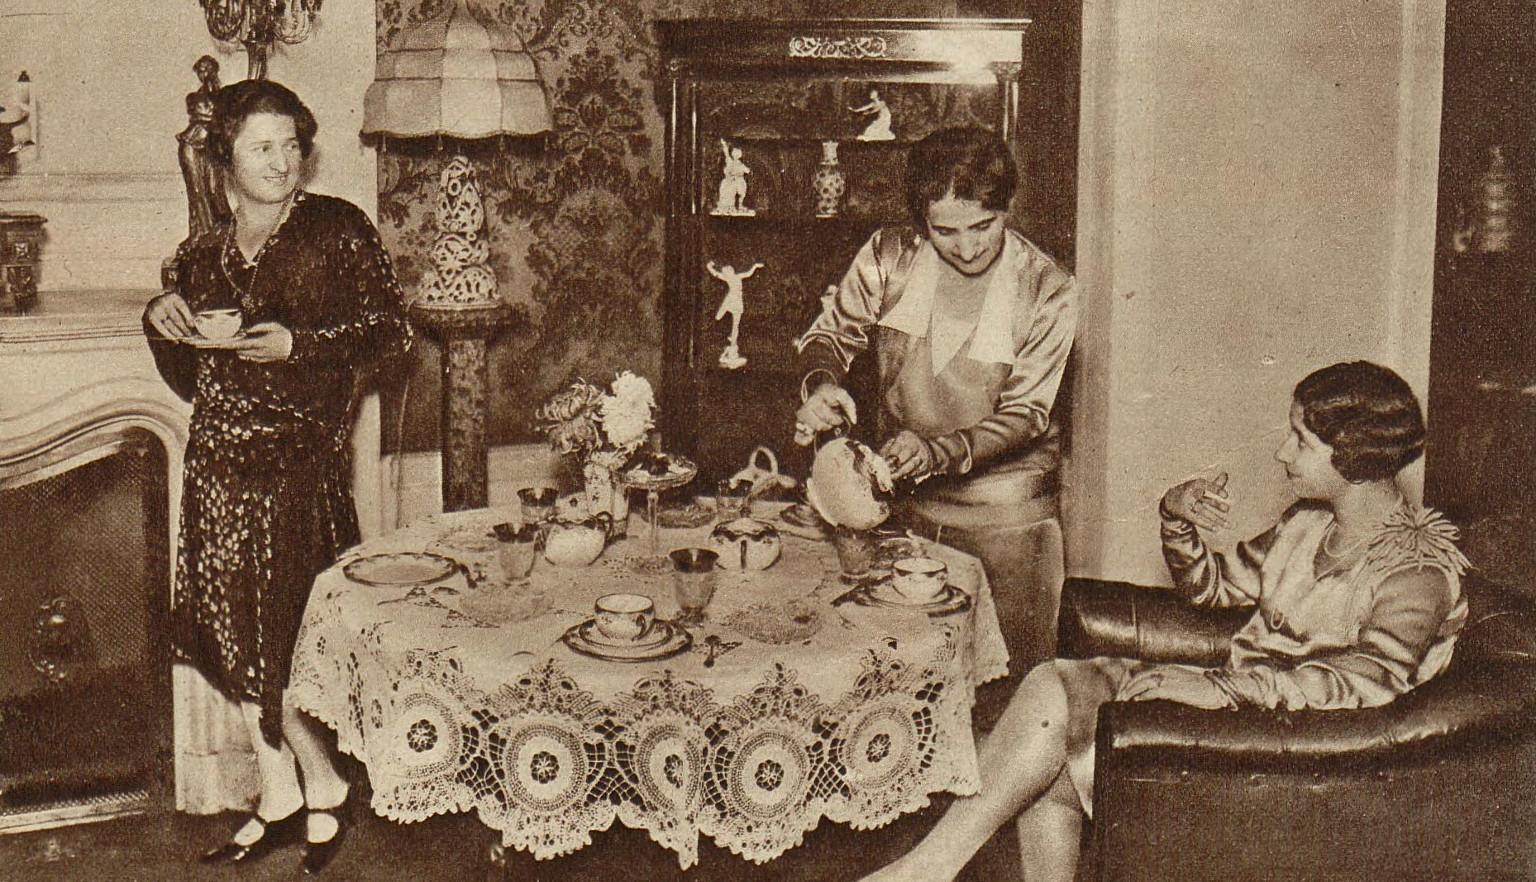 Popołudniowa herbatka, rok 1929. Na taką okazję stół musiał być zastawiony porcelaną i przykryty eleganckim obrusem (fot. materiały prasowe)